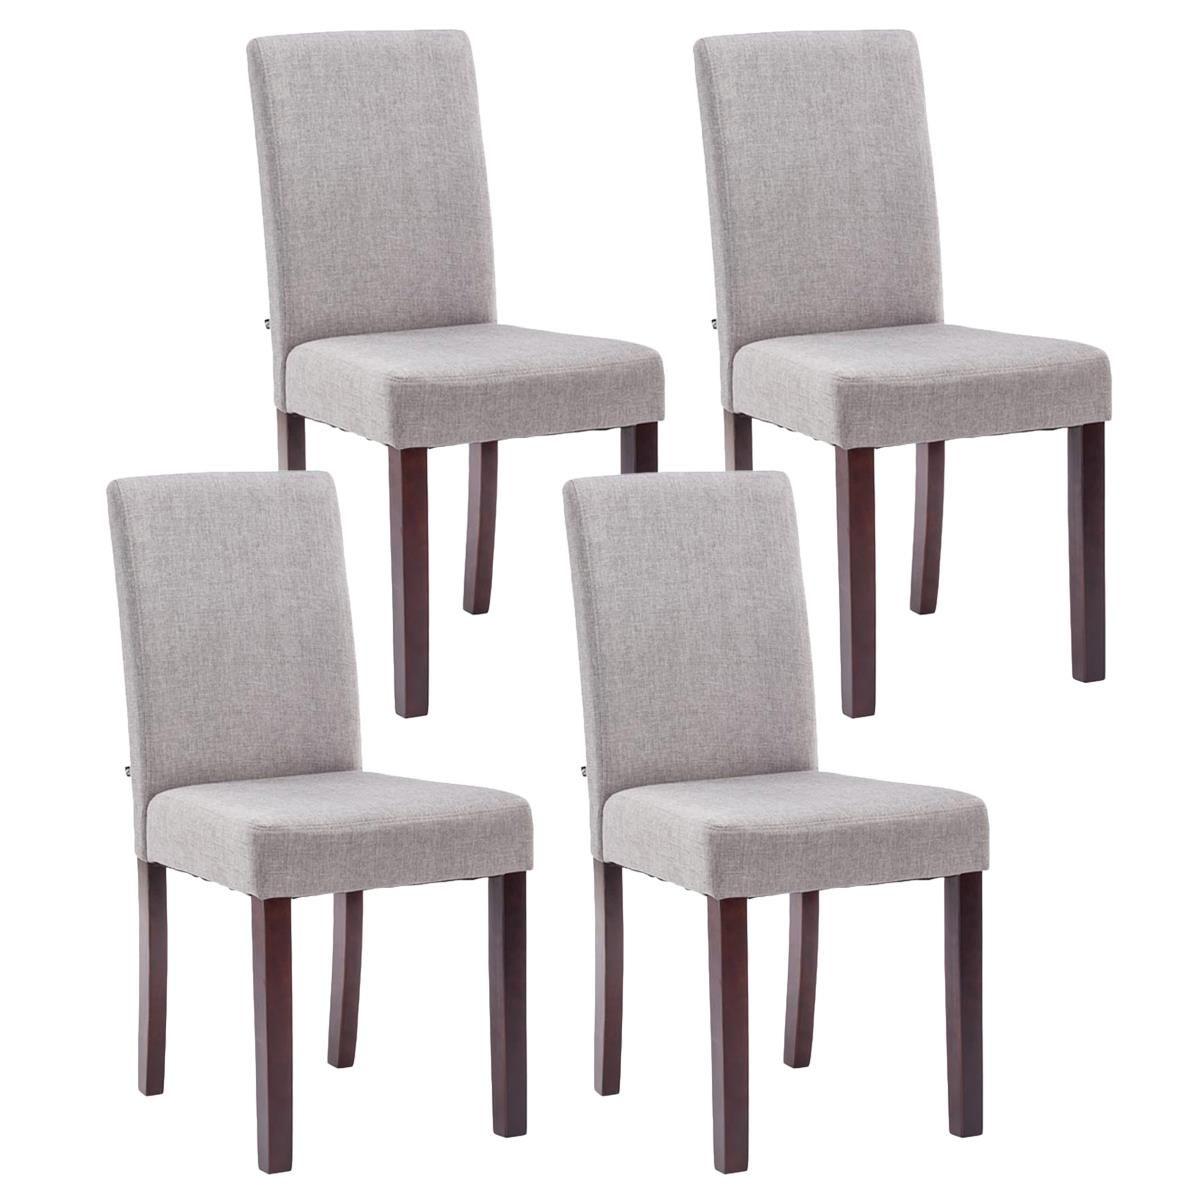 sillas modernas comedor color beis y gris